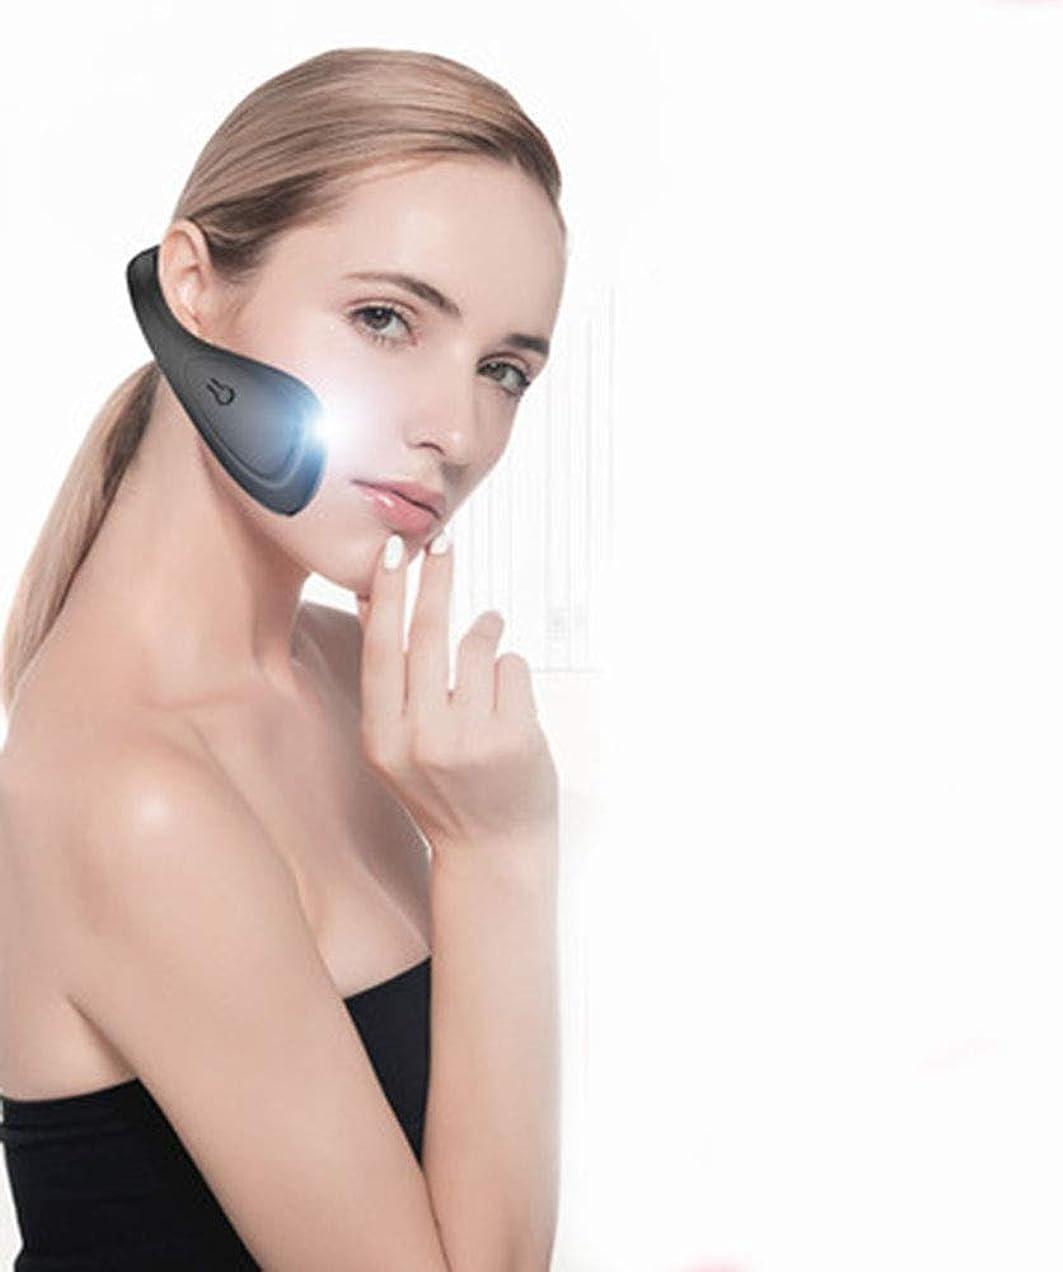 微視的伝説意味Nfudishpu顔リフティングアーティファクトV顔包帯下顎頬骨咬筋補正顔シリコーン電気美容機器